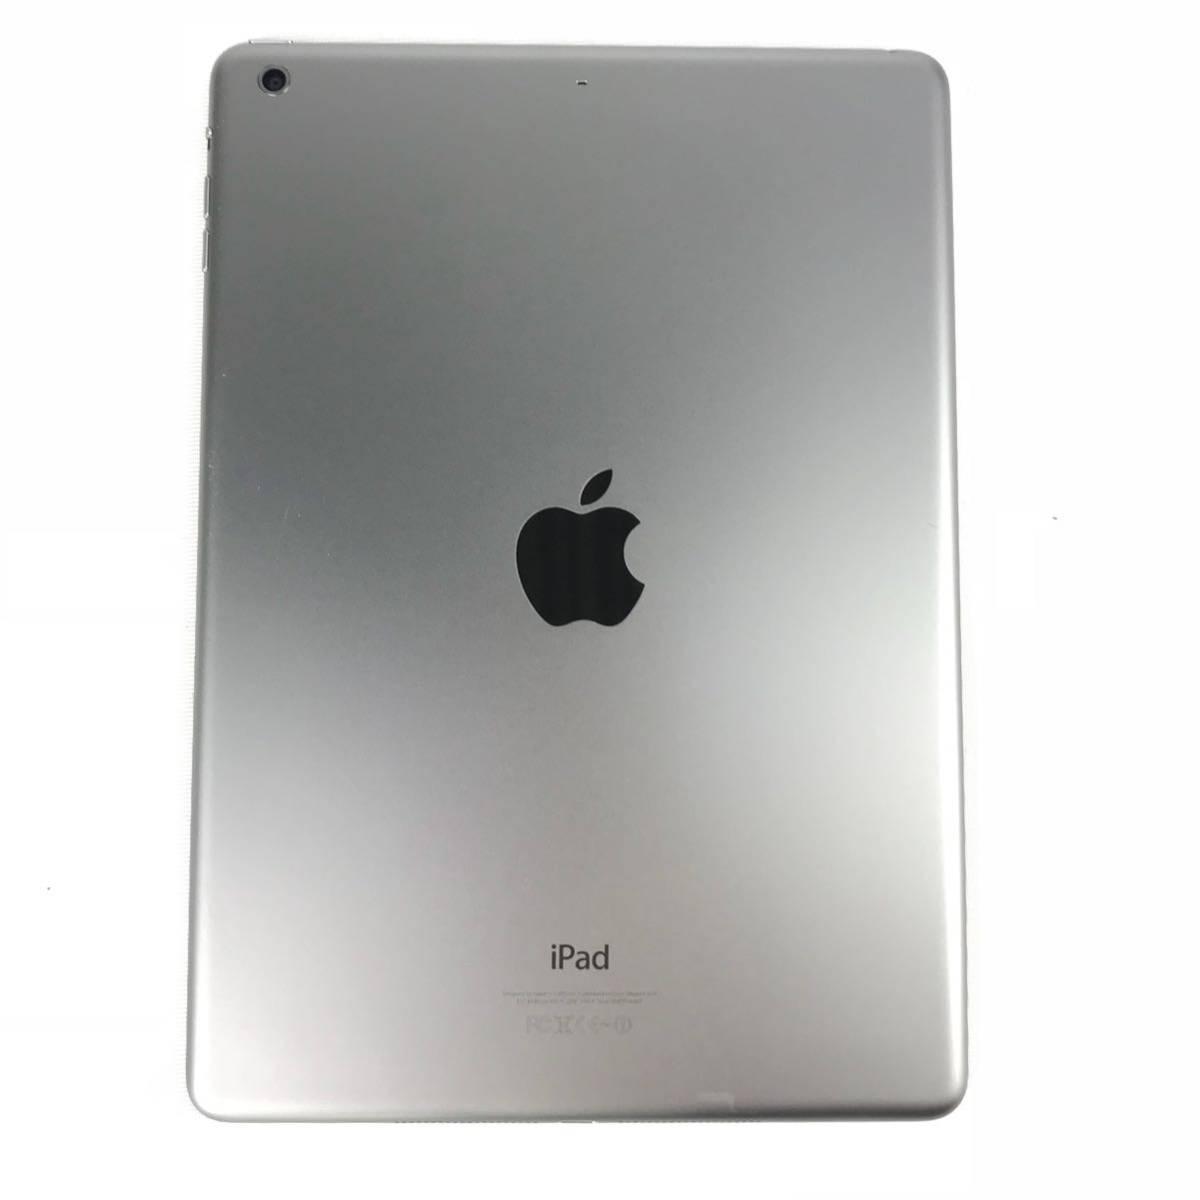 1円~美品■Apple iPad Air 32GB Wi-Fiモデル A1474(MD786J/A) スペースグレー タブレット本体 アイパッドエアー 中古品■兵庫県姫路市発16